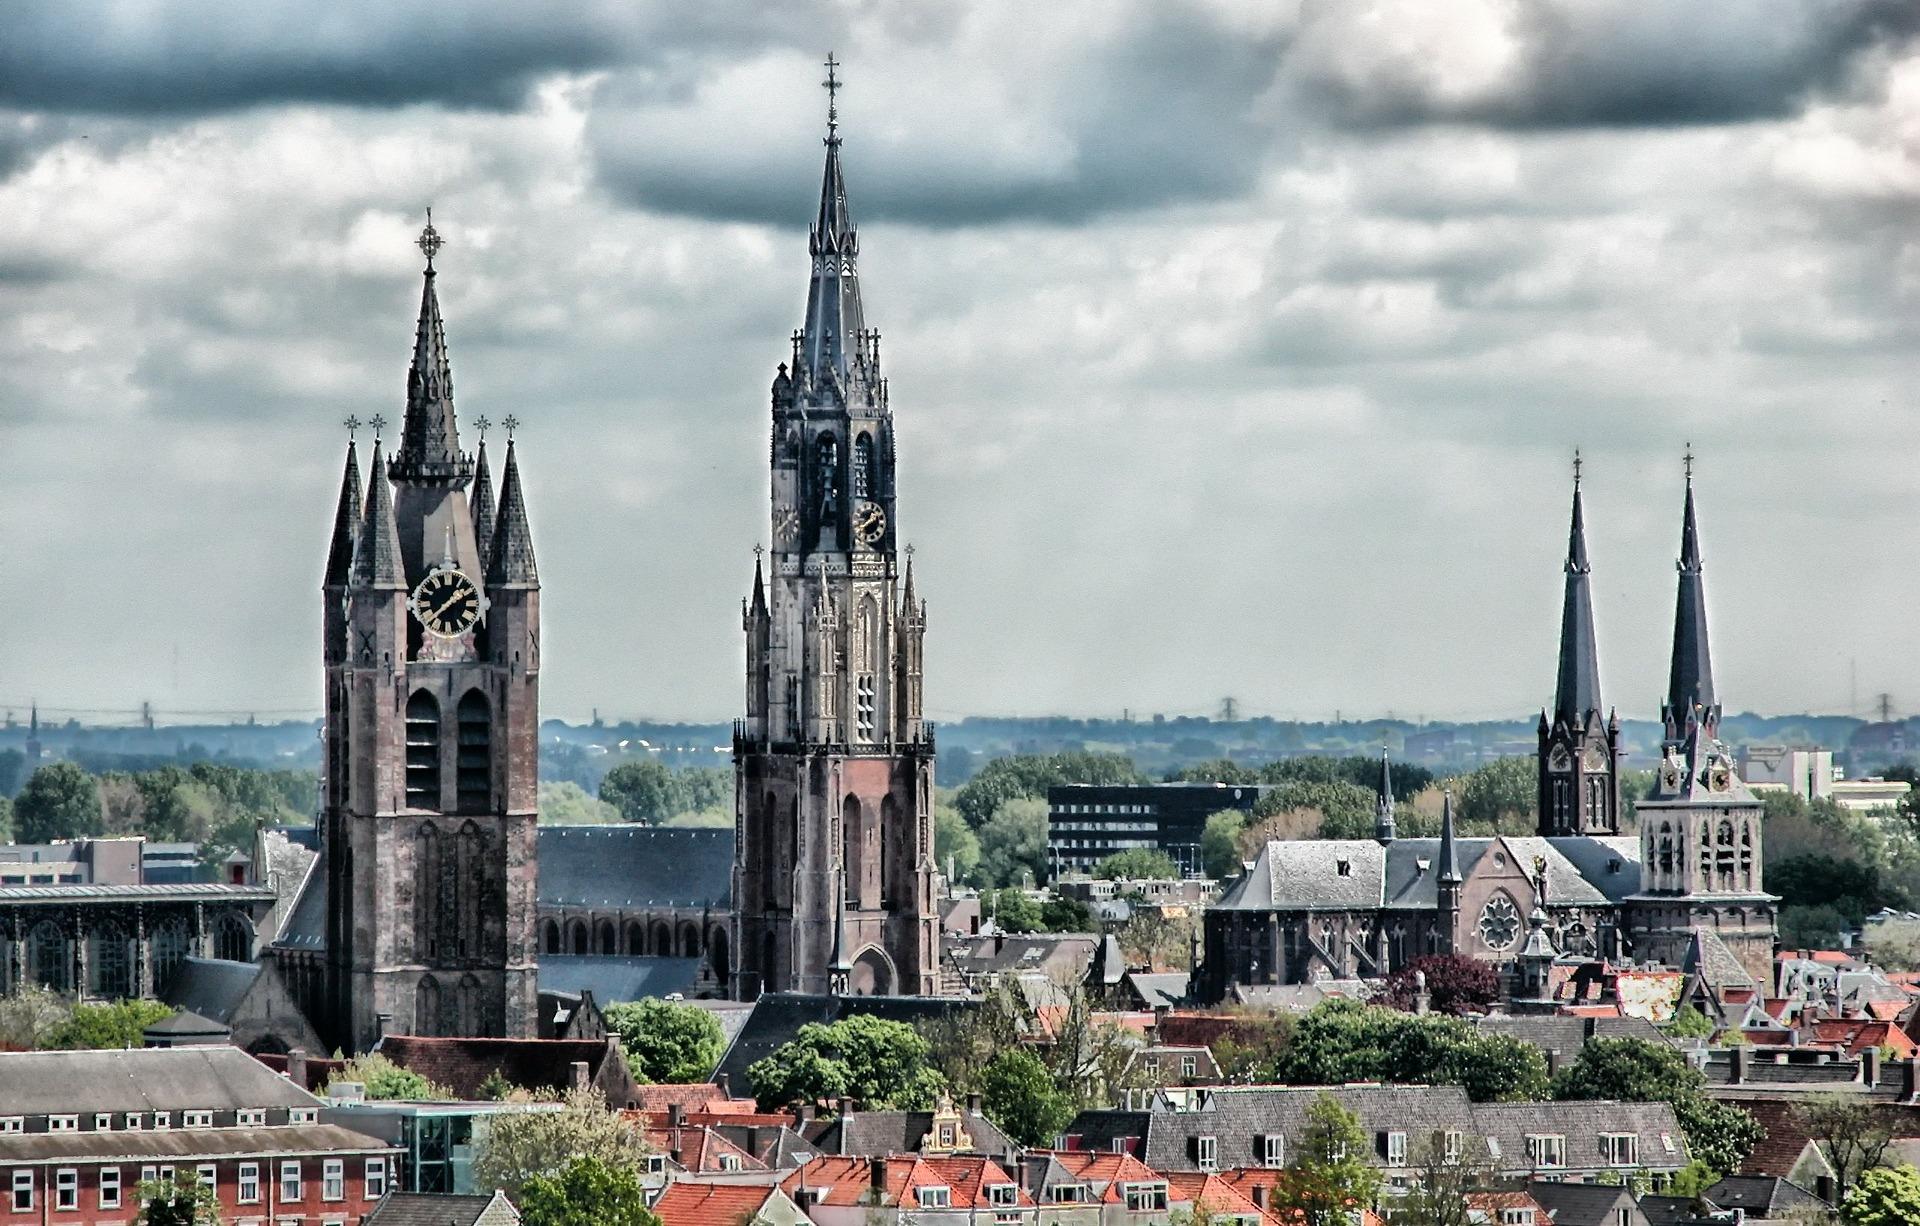 Verhuurd Huis Woning Appartement Verkopen in Delft